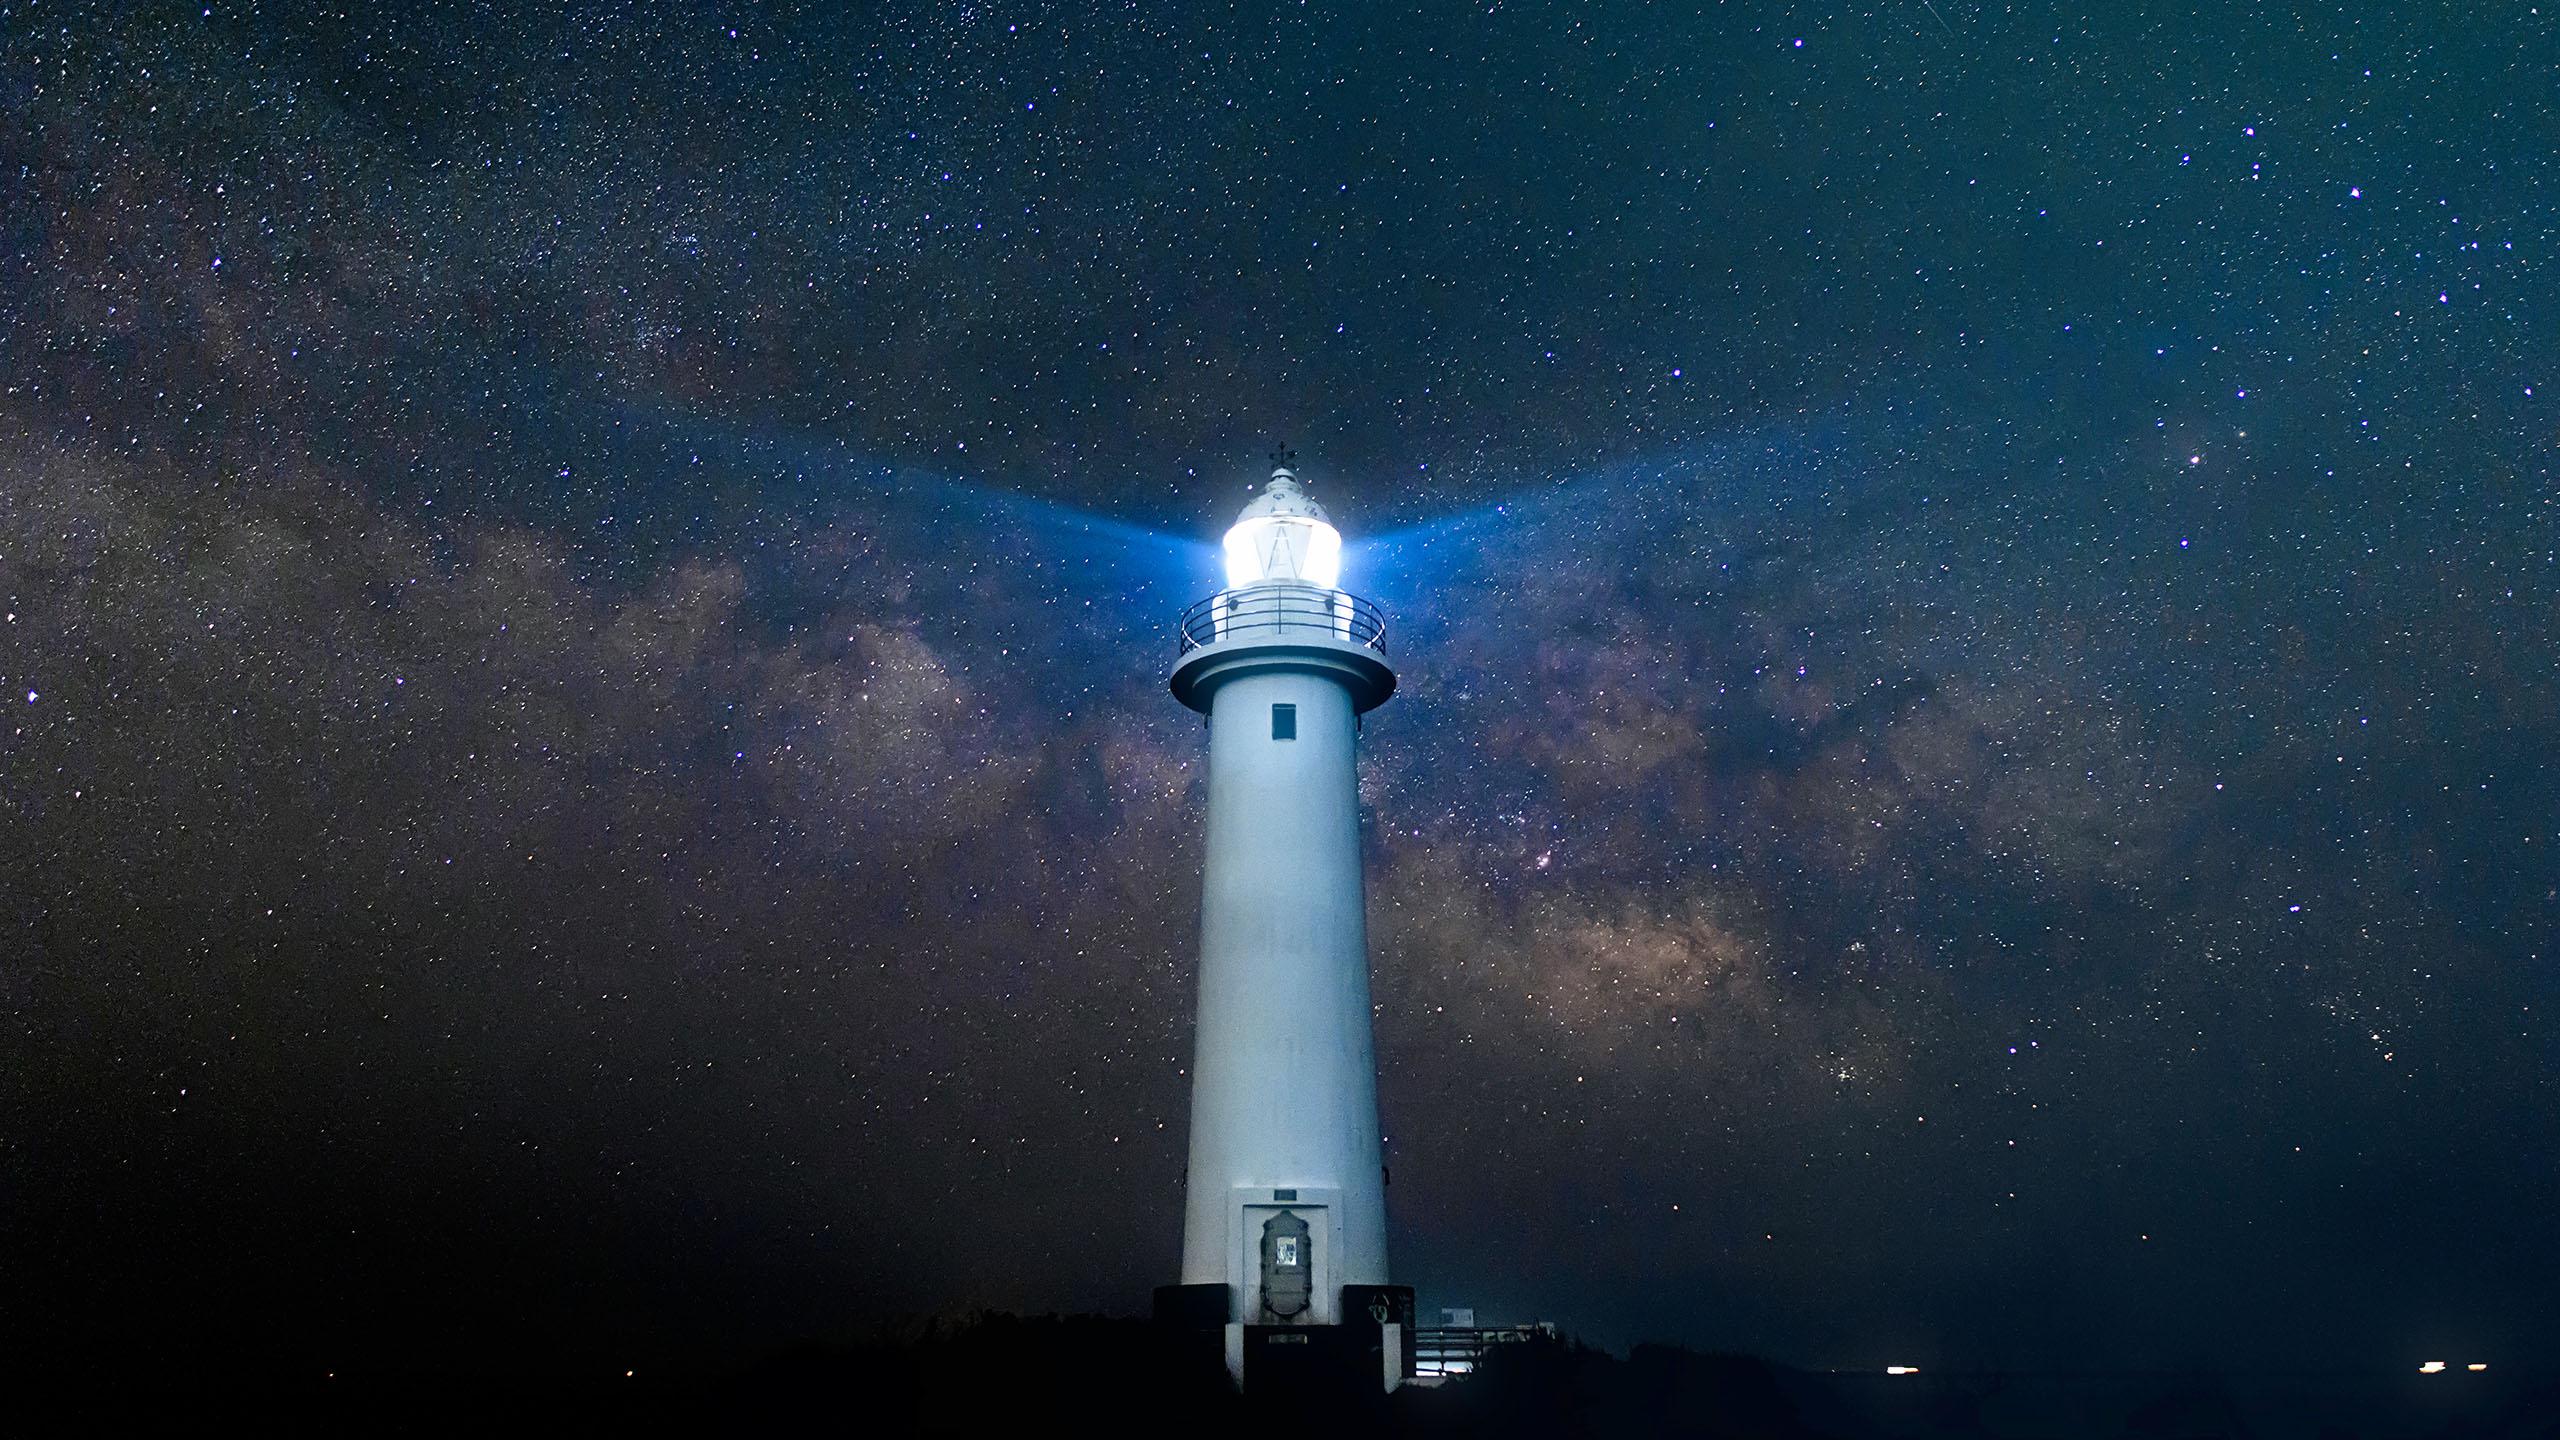 风景大片,城市夜景,灯塔,星空